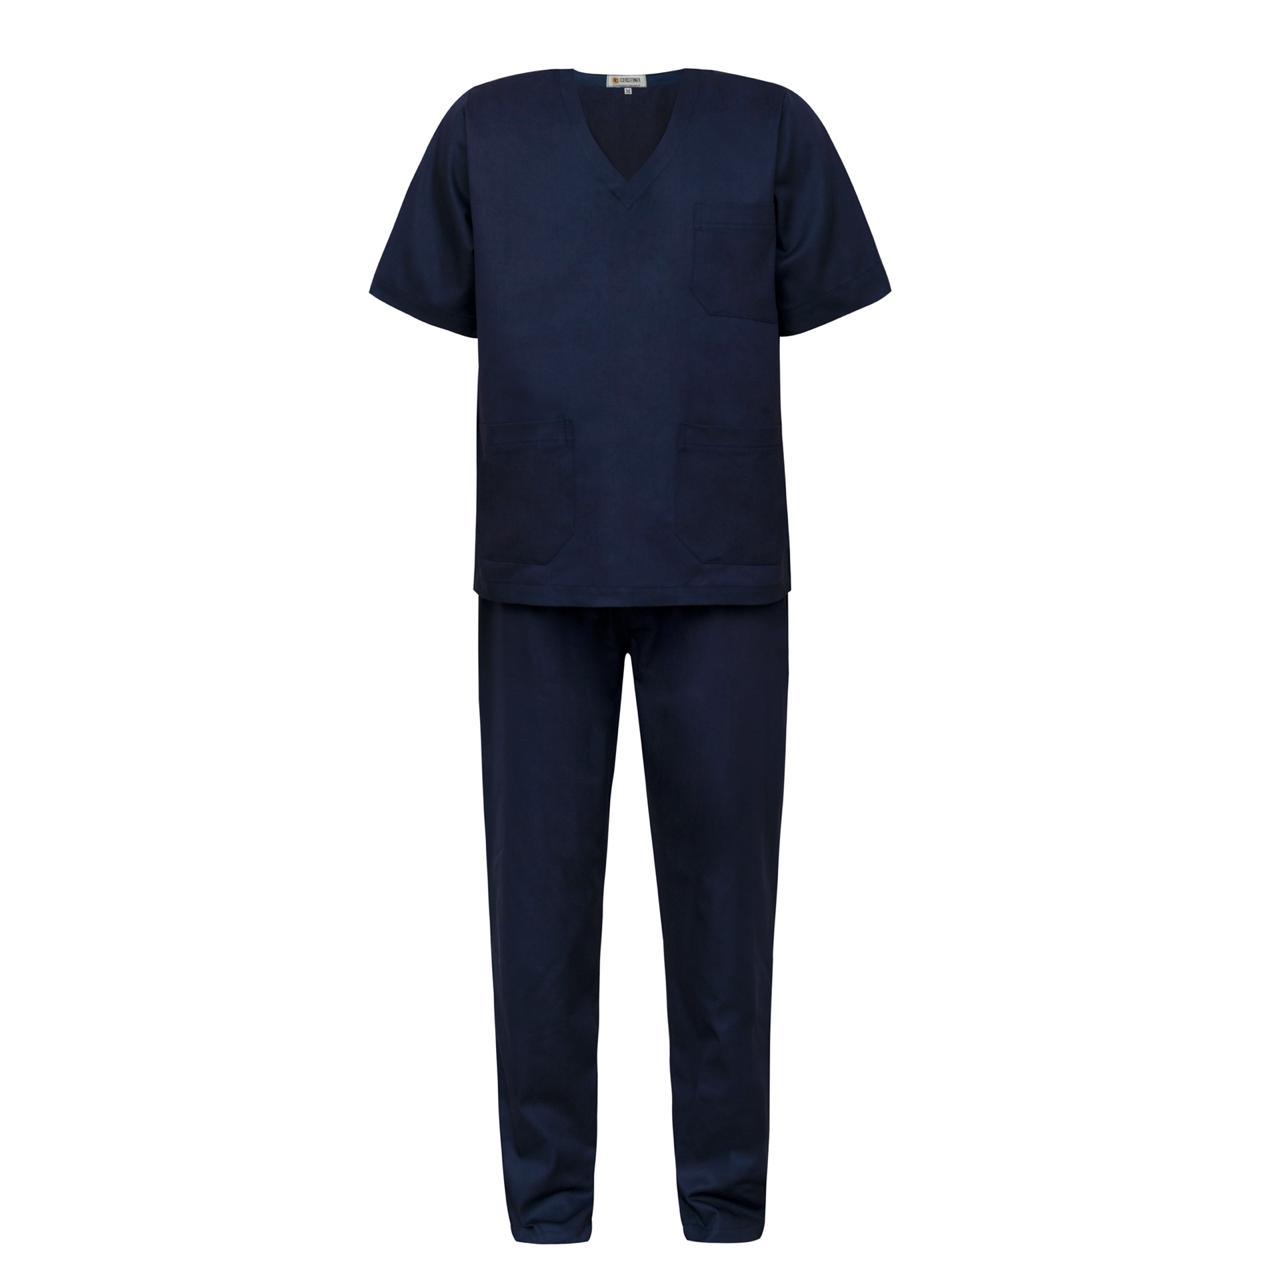 Scrub / Pijama Cirúrgico Gola V Unissex - Azul Marinho